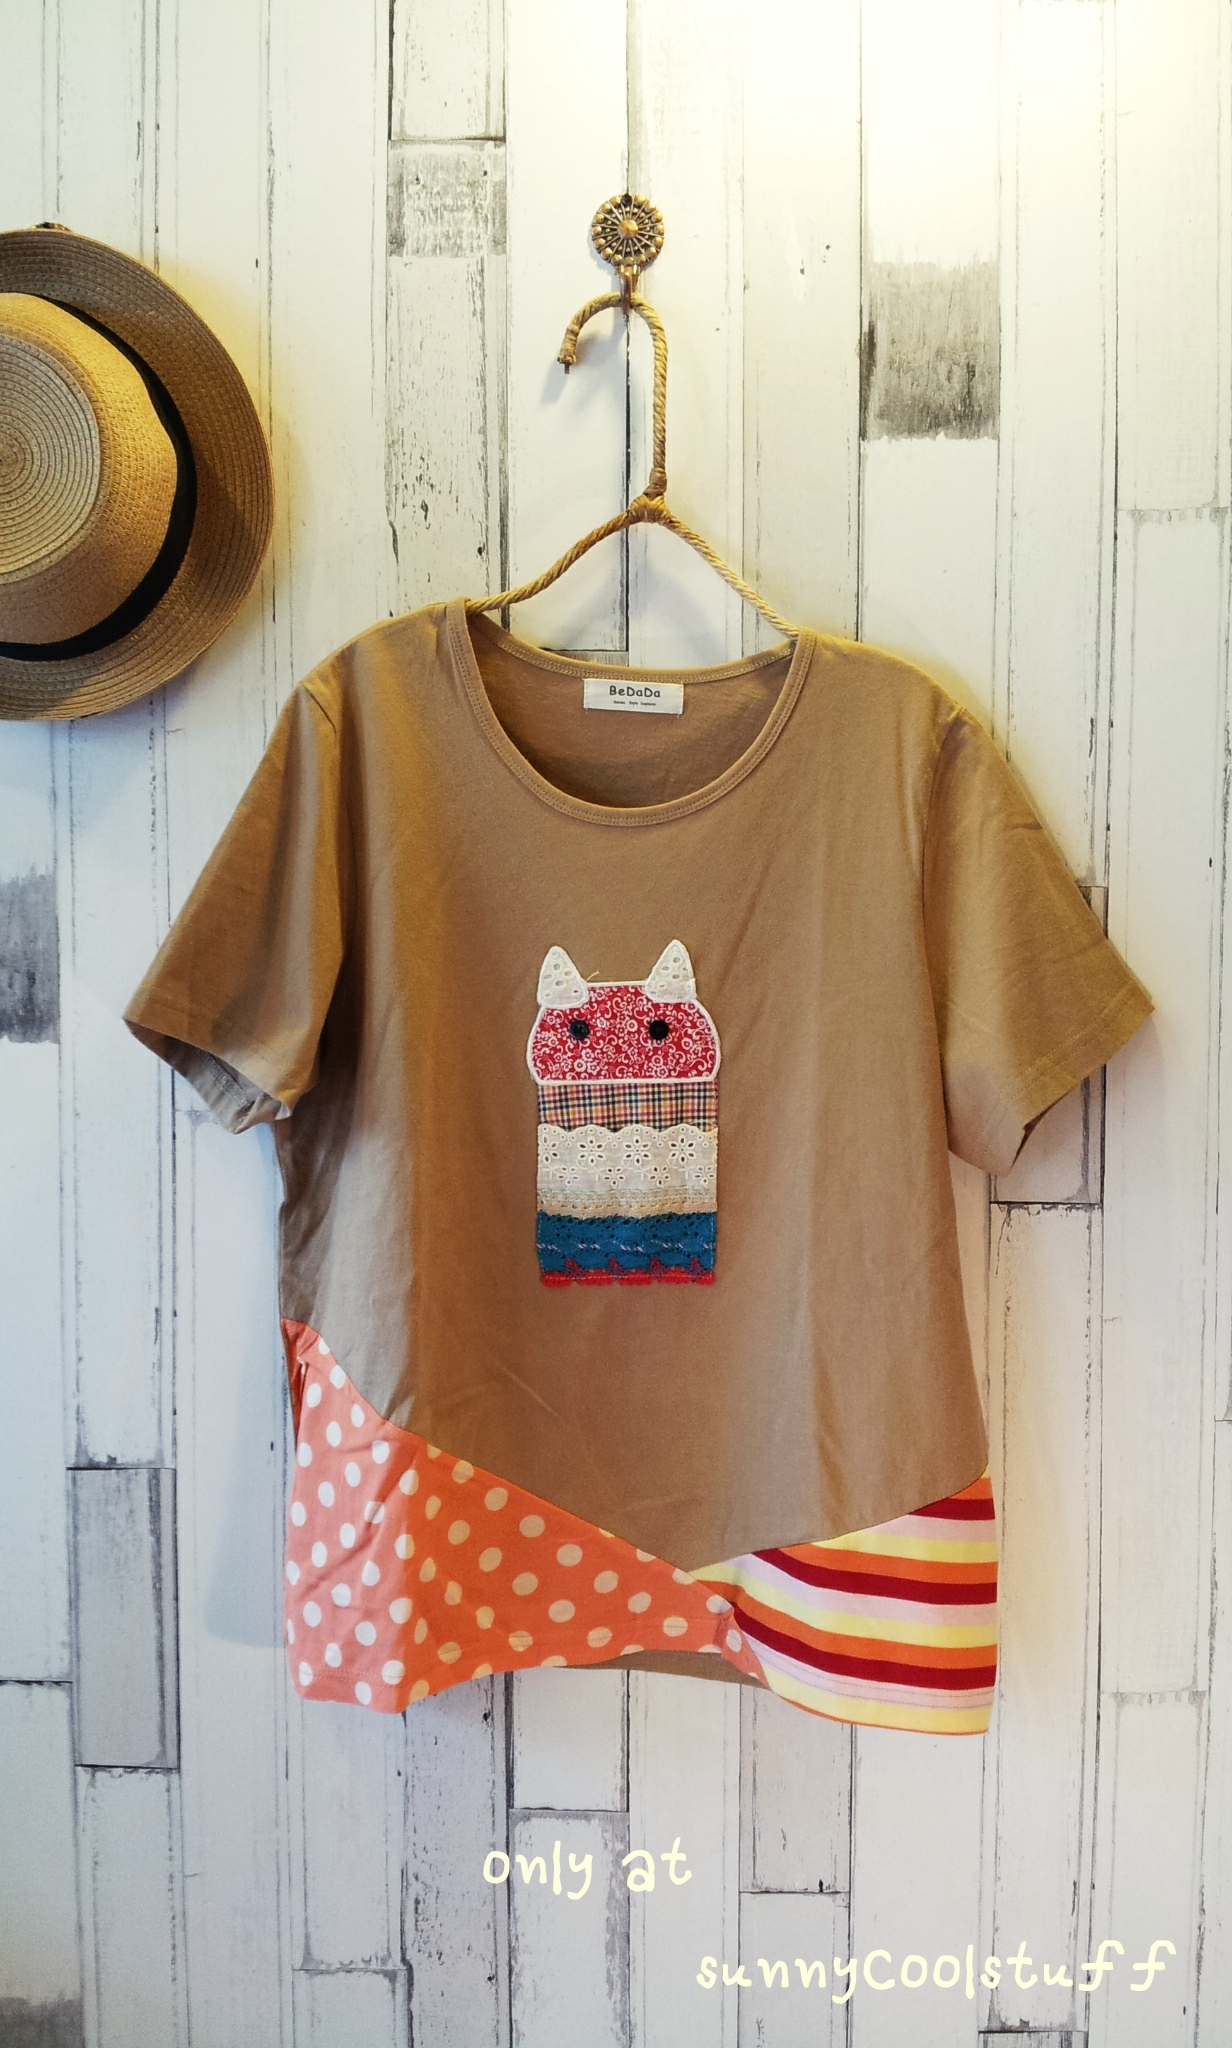 เสื้อยืด bedada แต่ง patchwork ลายแมว ชายเสื้อไขว้ สีน้ำตาลอ่อน